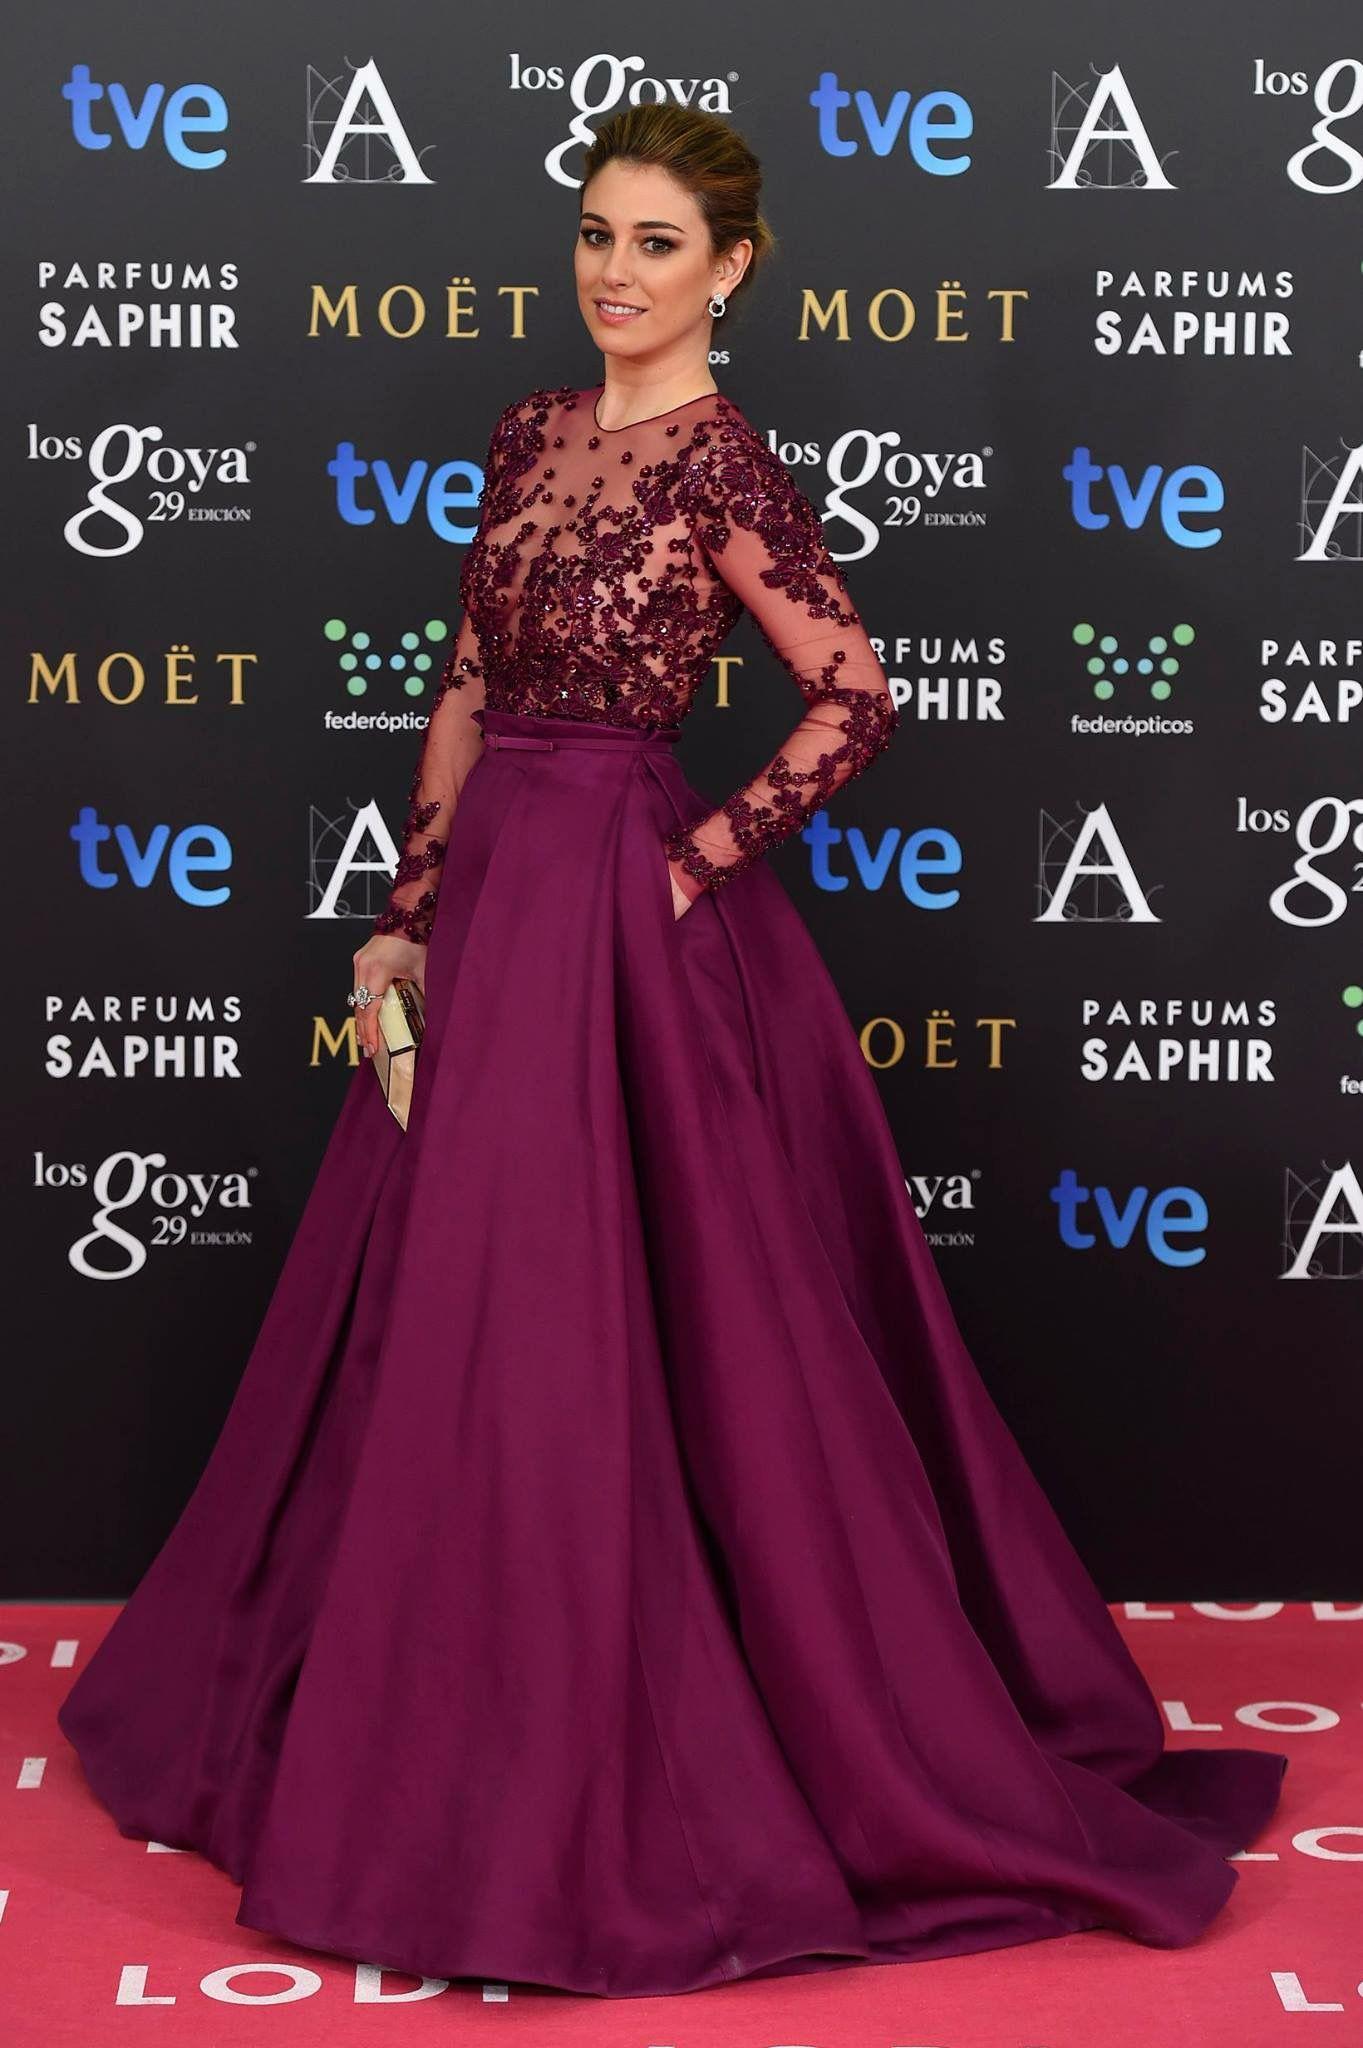 Espectacular de Zuhair murad | vestidos | Pinterest | Zuhair murad ...